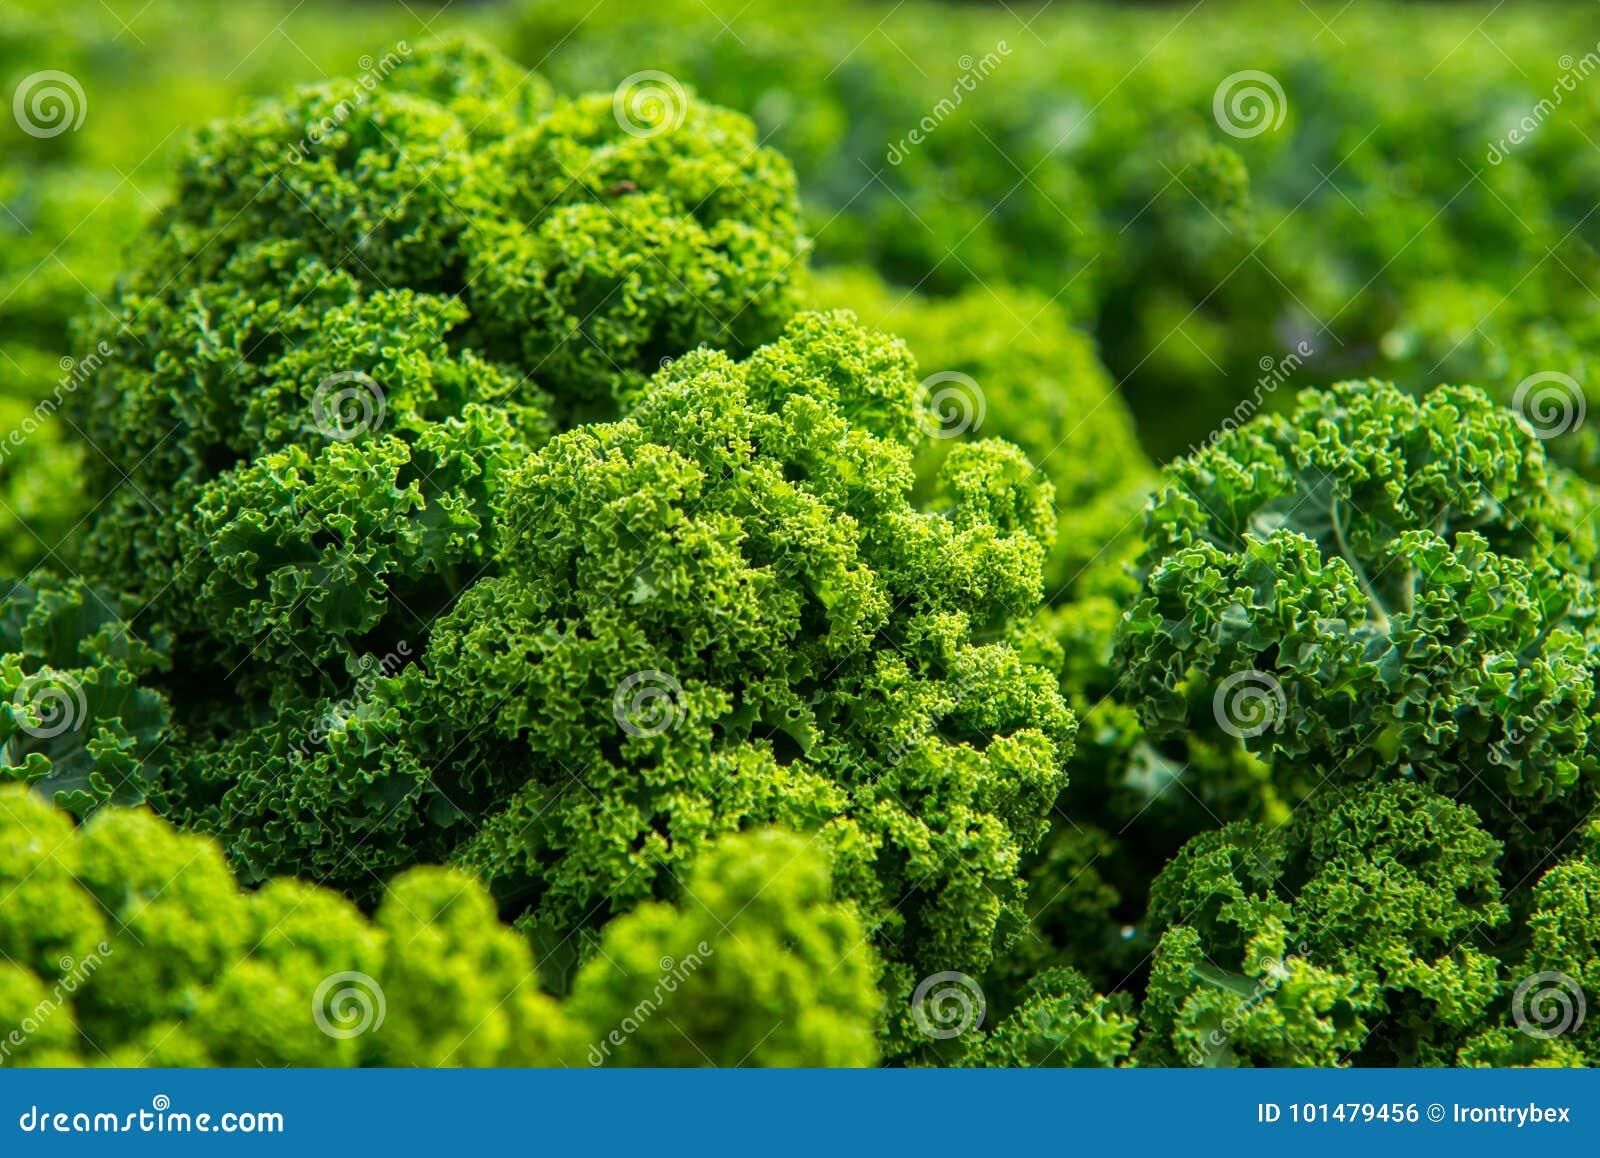 Slut upp på grönkål Gröna grönsaksidor, sunt äta, vegeta